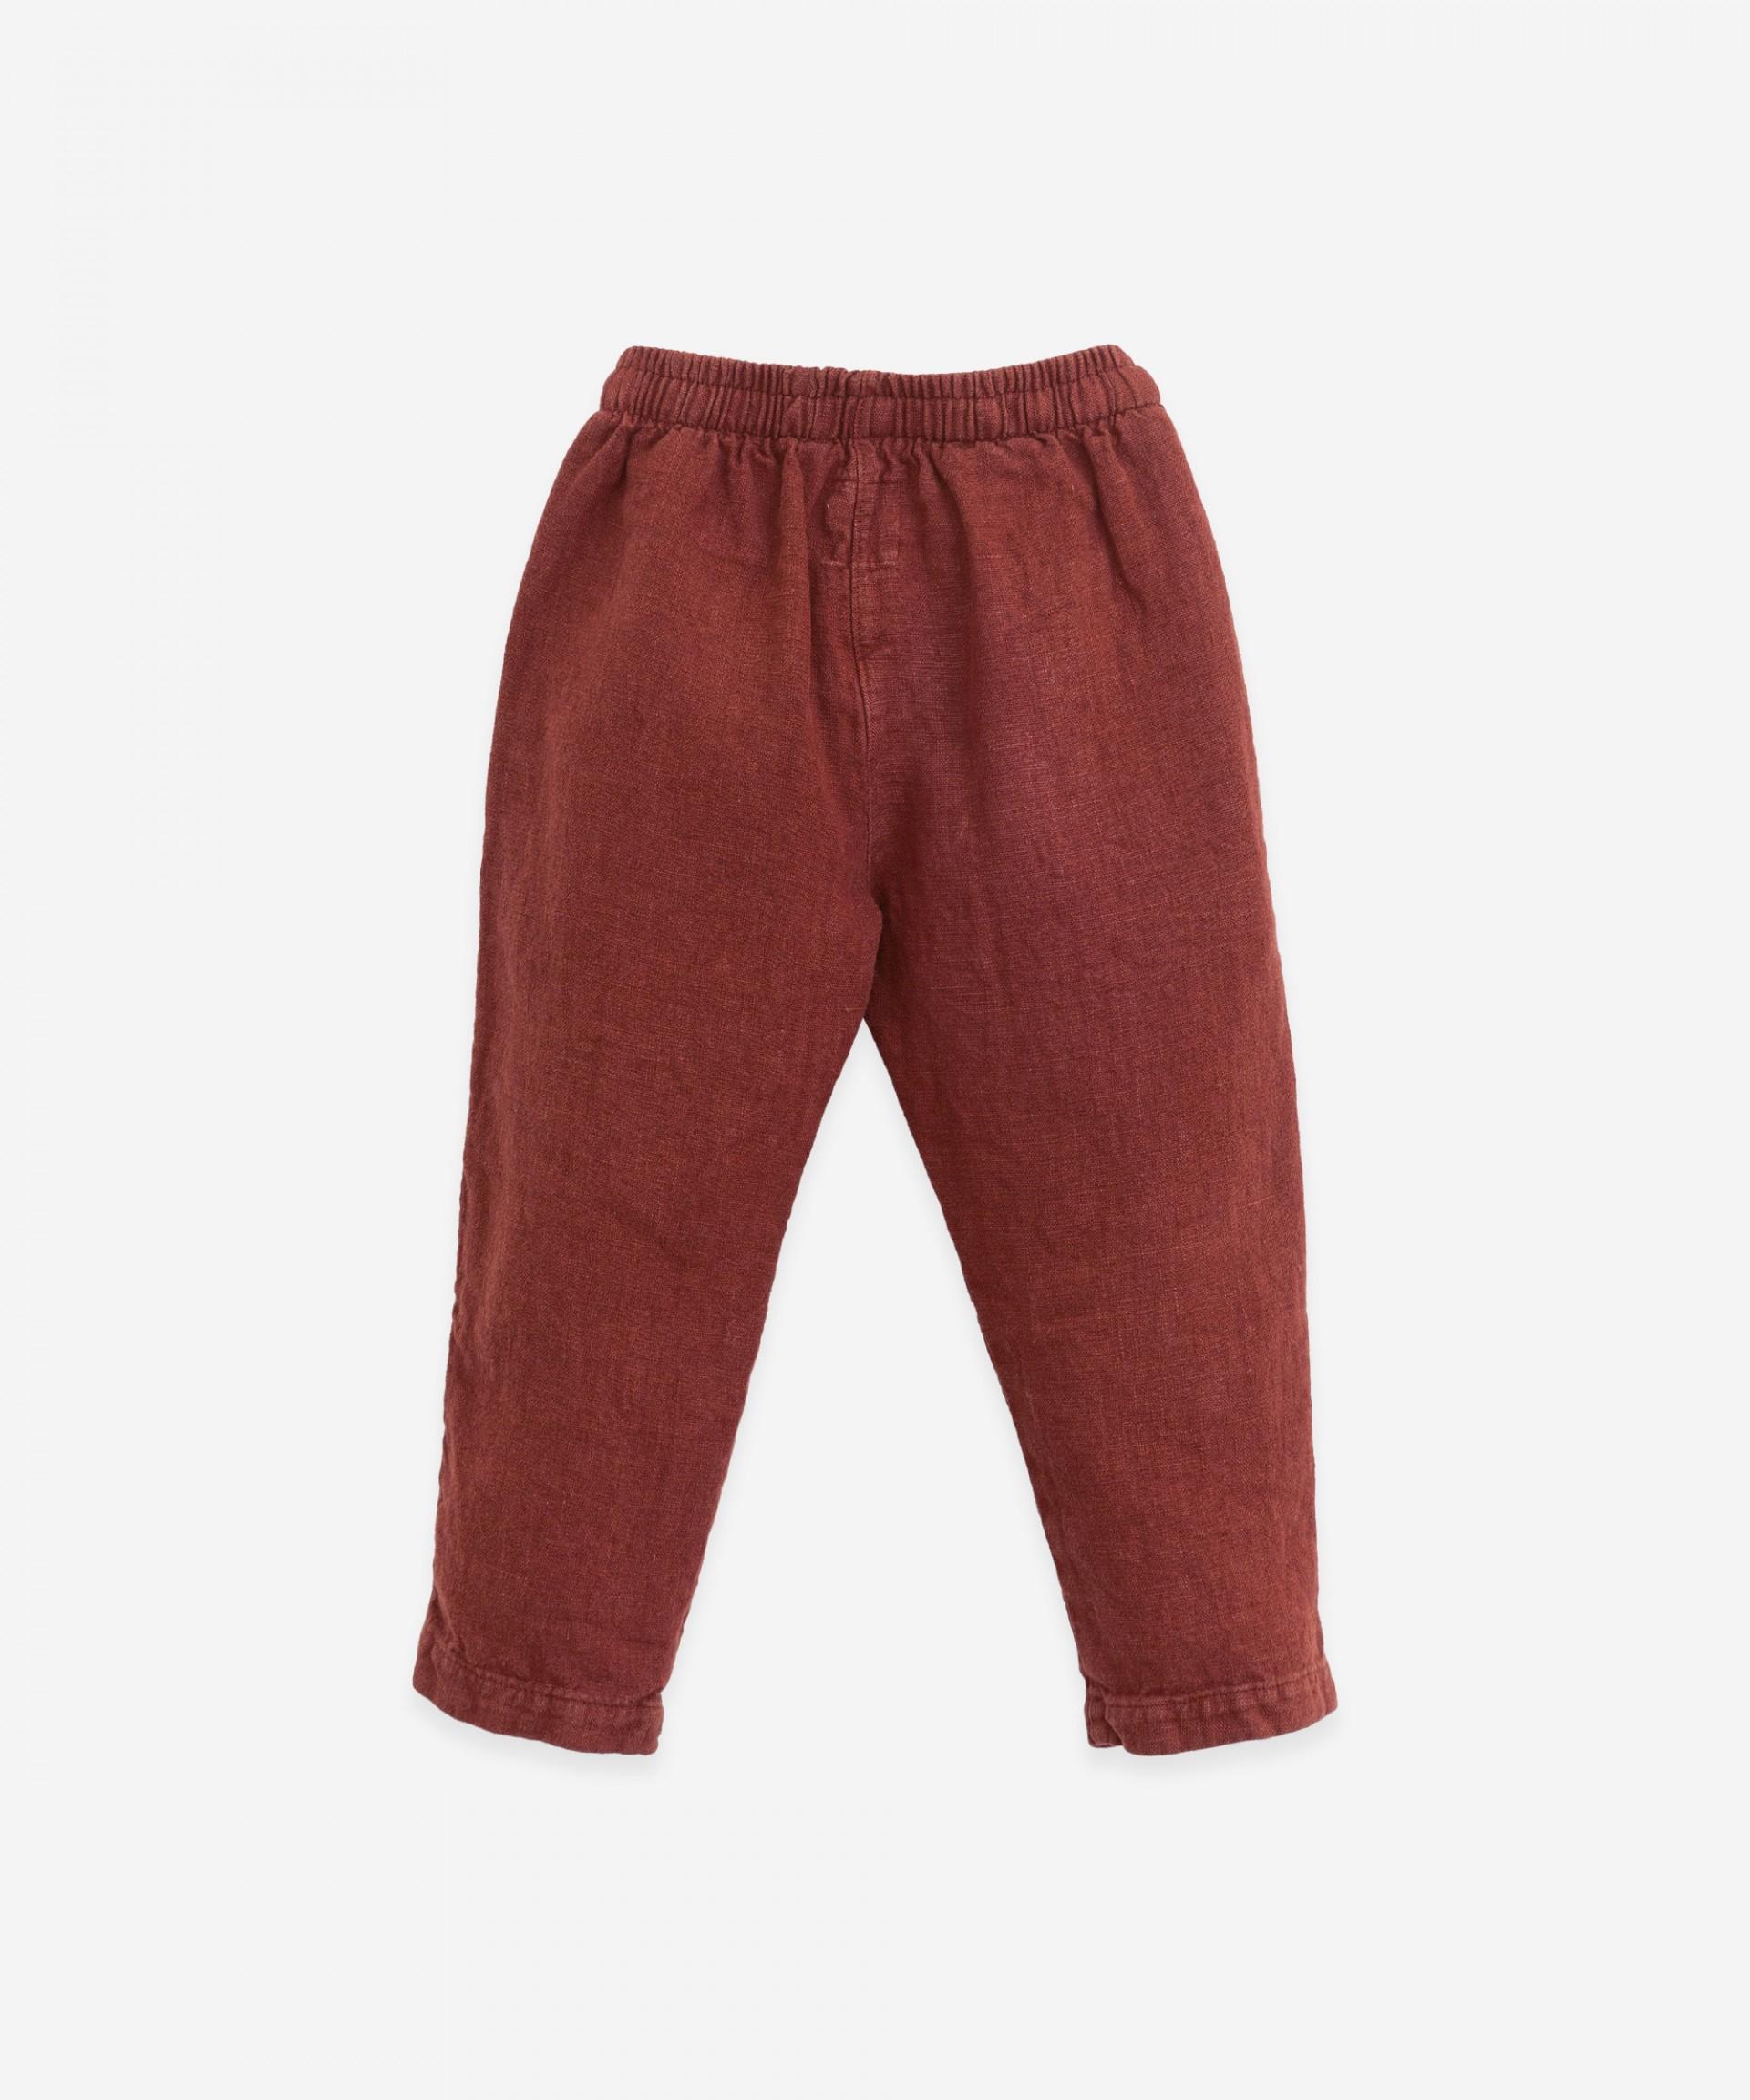 Pantalón de lino | Botany